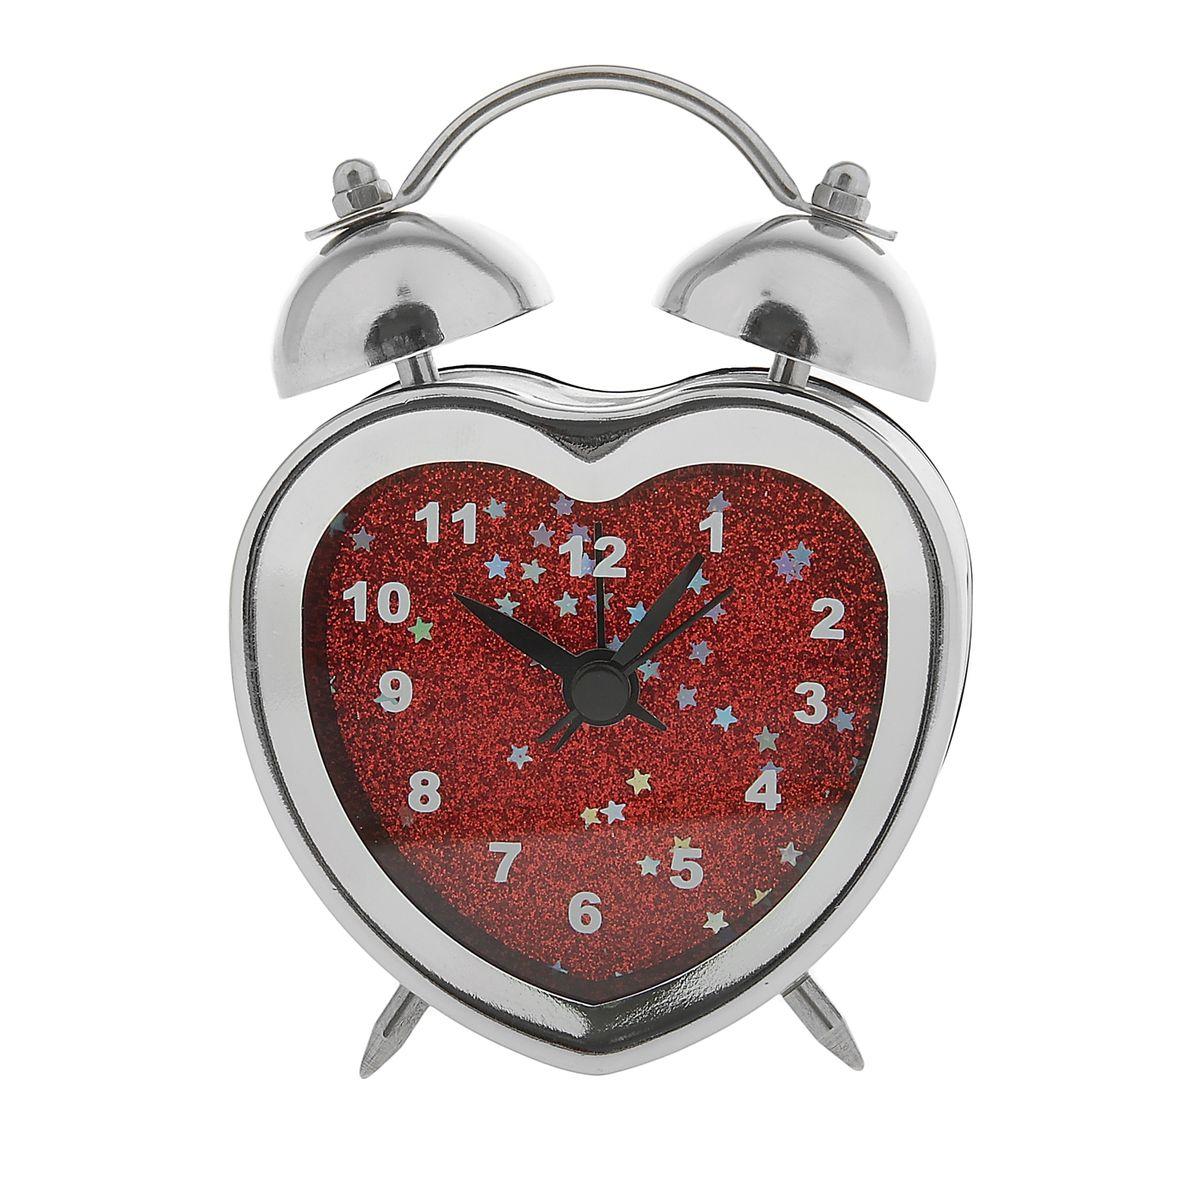 Часы-будильник Sima-land Сердце. 843481843481Как же сложно иногда вставать вовремя! Всегда так хочется поспать еще хотя бы 5 минут и бывает, что мы просыпаем. Теперь этого не случится! Яркий, оригинальный будильник Sima-land Сердце поможет вам всегда вставать в нужное время и успевать везде и всюду. Корпус будильника в форме сердца выполнен из хромированного металла. Циферблат оформлен красными блестками. Часы снабжены 4 стрелками (секундная, минутная, часовая и для будильника). На задней панели будильника расположен переключатель включения/выключения механизма, а также два колесика для настройки текущего времени и времени звонка будильника.Пользоваться будильником очень легко: нужно всего лишь поставить батарейку, настроить точное время и установить время звонка.Будильник Сердце - привлекательная деталь в обстановке, которая поможет воплотить вашу интерьерную идею, создать неповторимую атмосферу в вашем доме. Окружите себя приятными мелочами, пусть они радуют взгляд и дарят гармонию.Необходимо докупить 1 батарейку типа ААА (не входит в комплект).